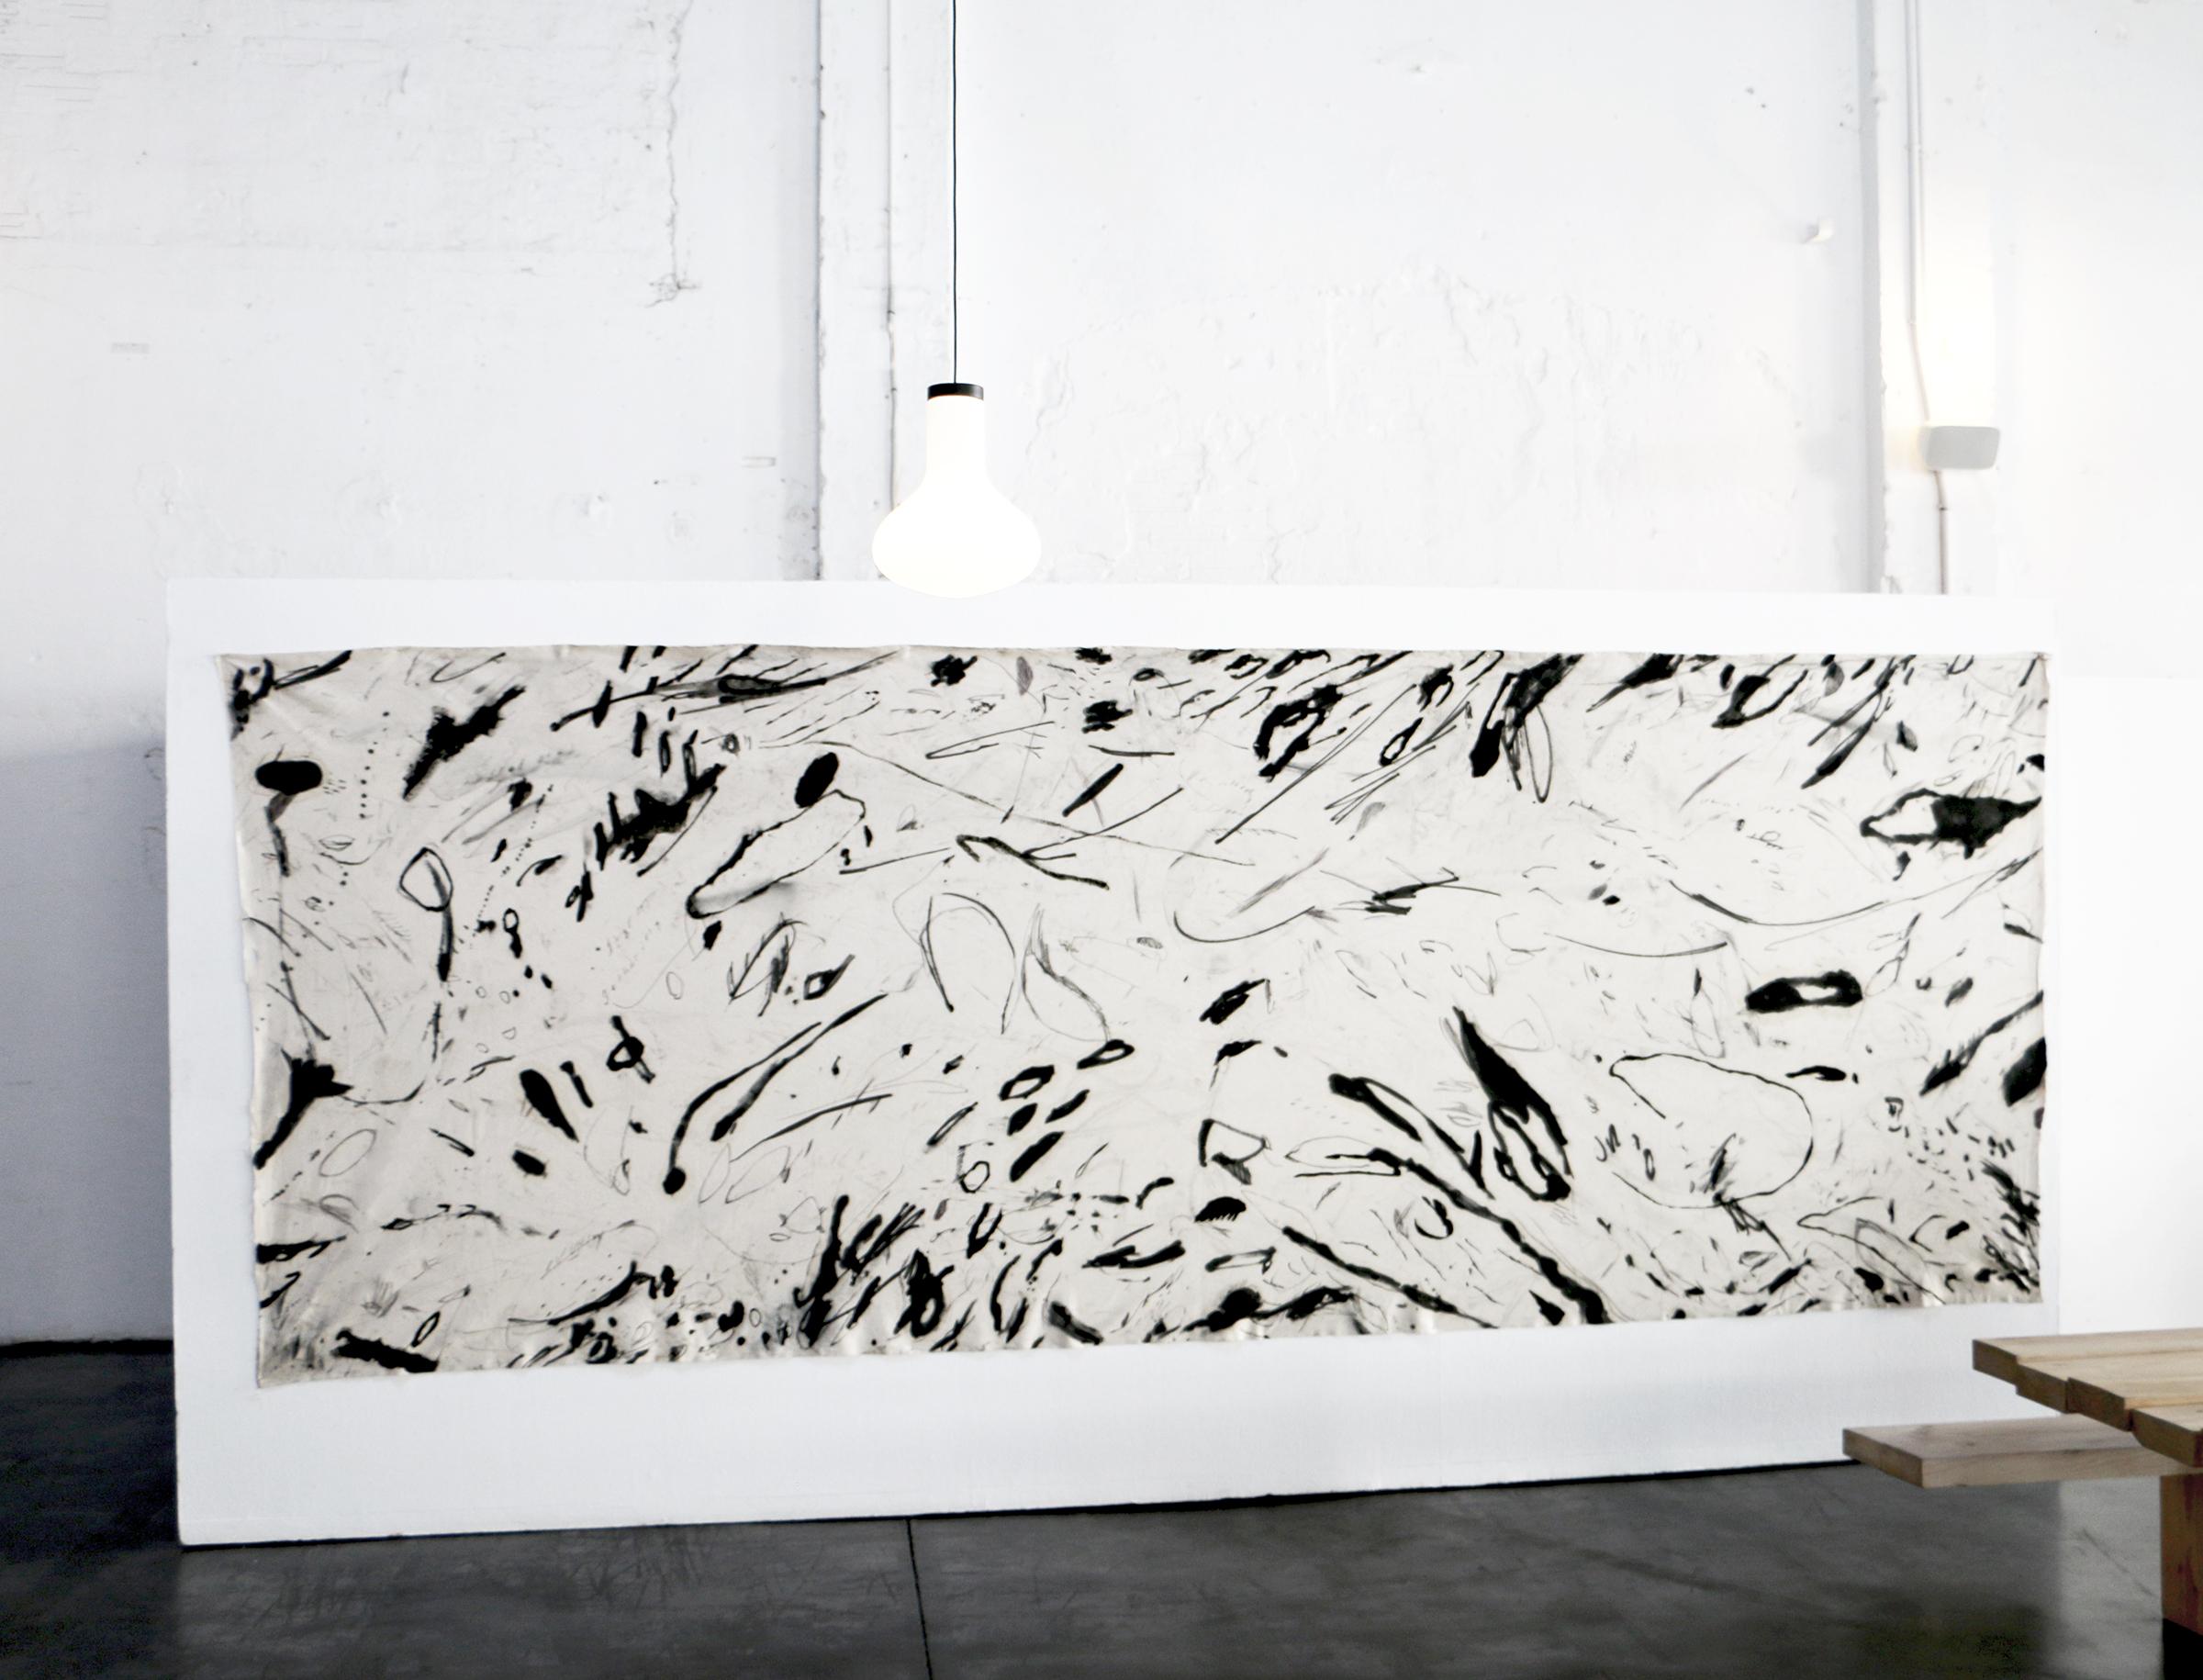 5 meter painting image 1.jpg